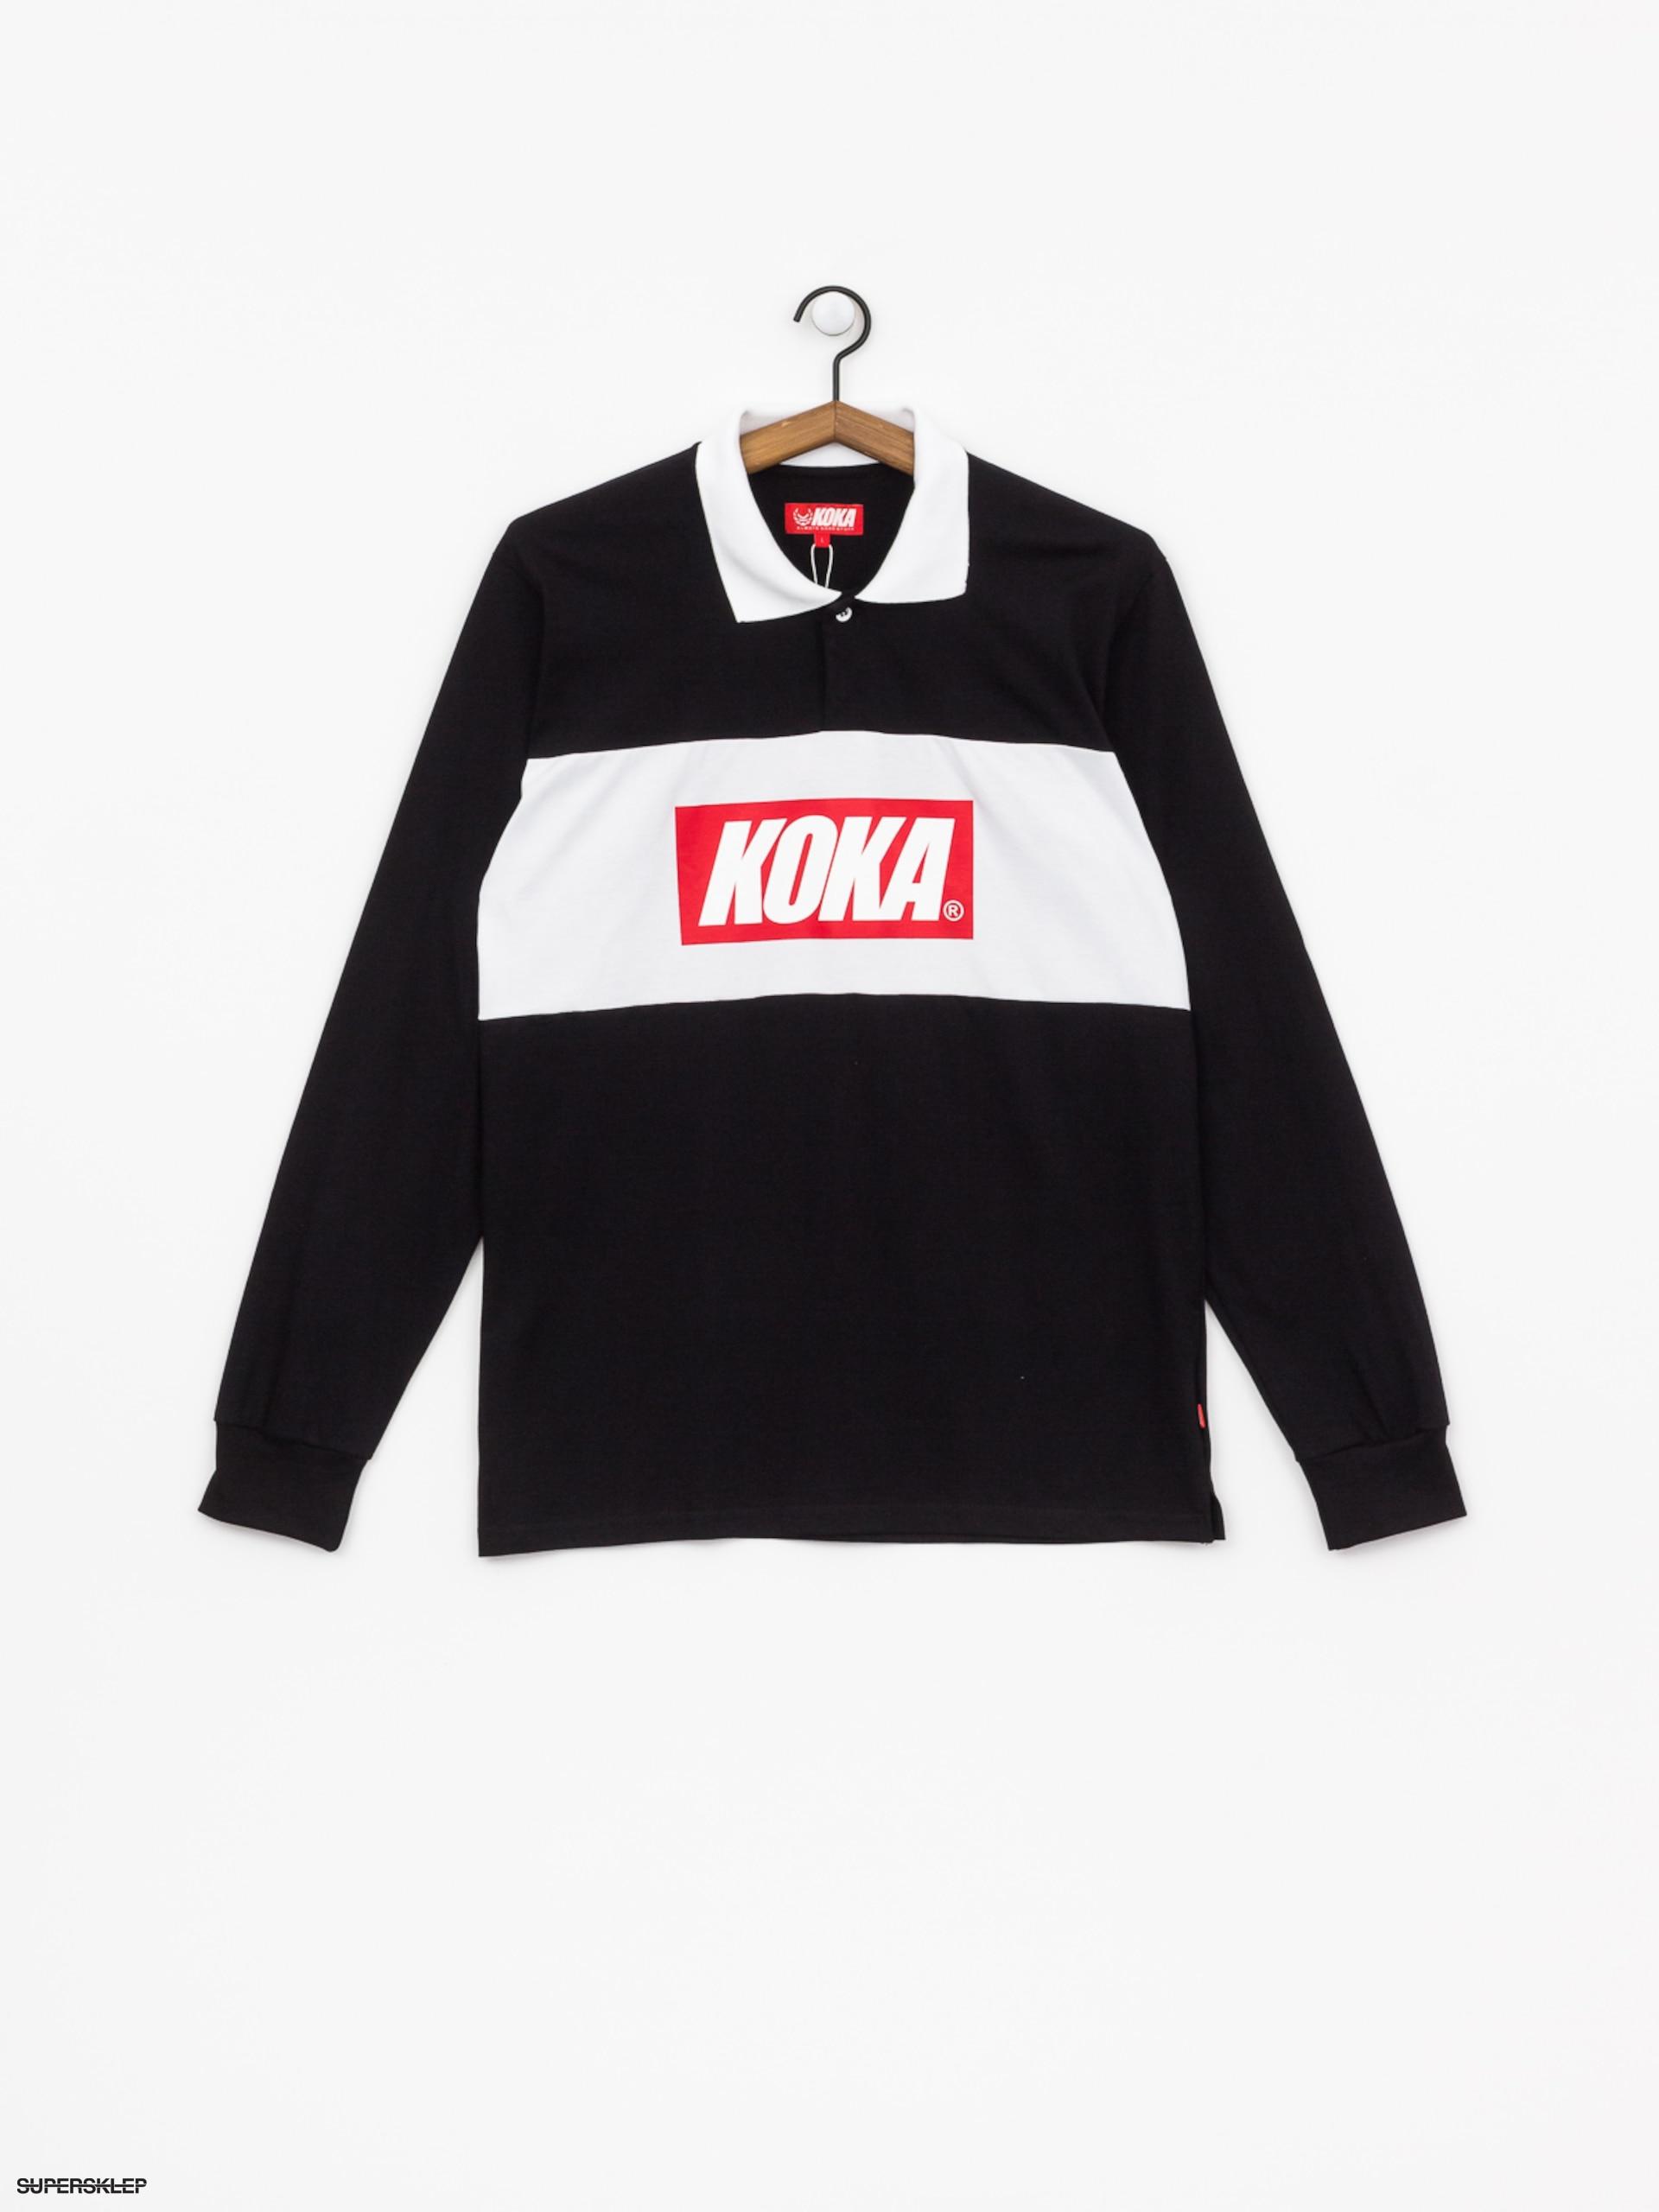 KOKA koszulka Longsleeve Rugby black